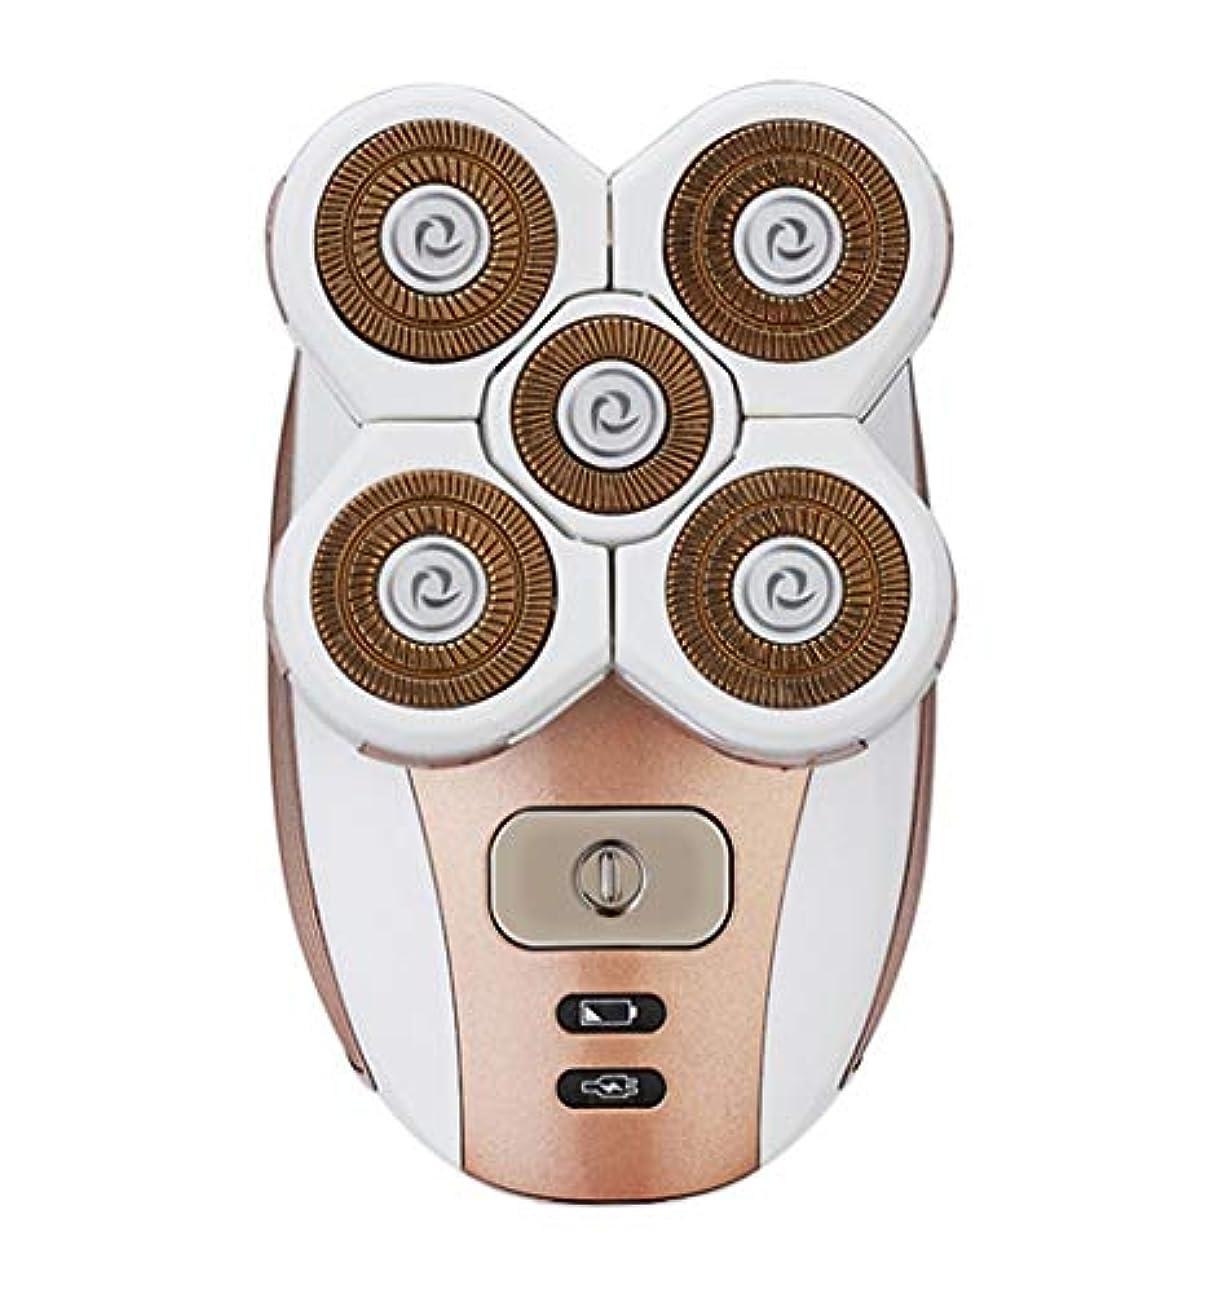 分離する部屋を掃除するアラブサラボKDJHP 電気脱毛装置プライベートパーツシェービング器具脇の下陰毛剃毛レディーシェーバー - 脱毛器 7103